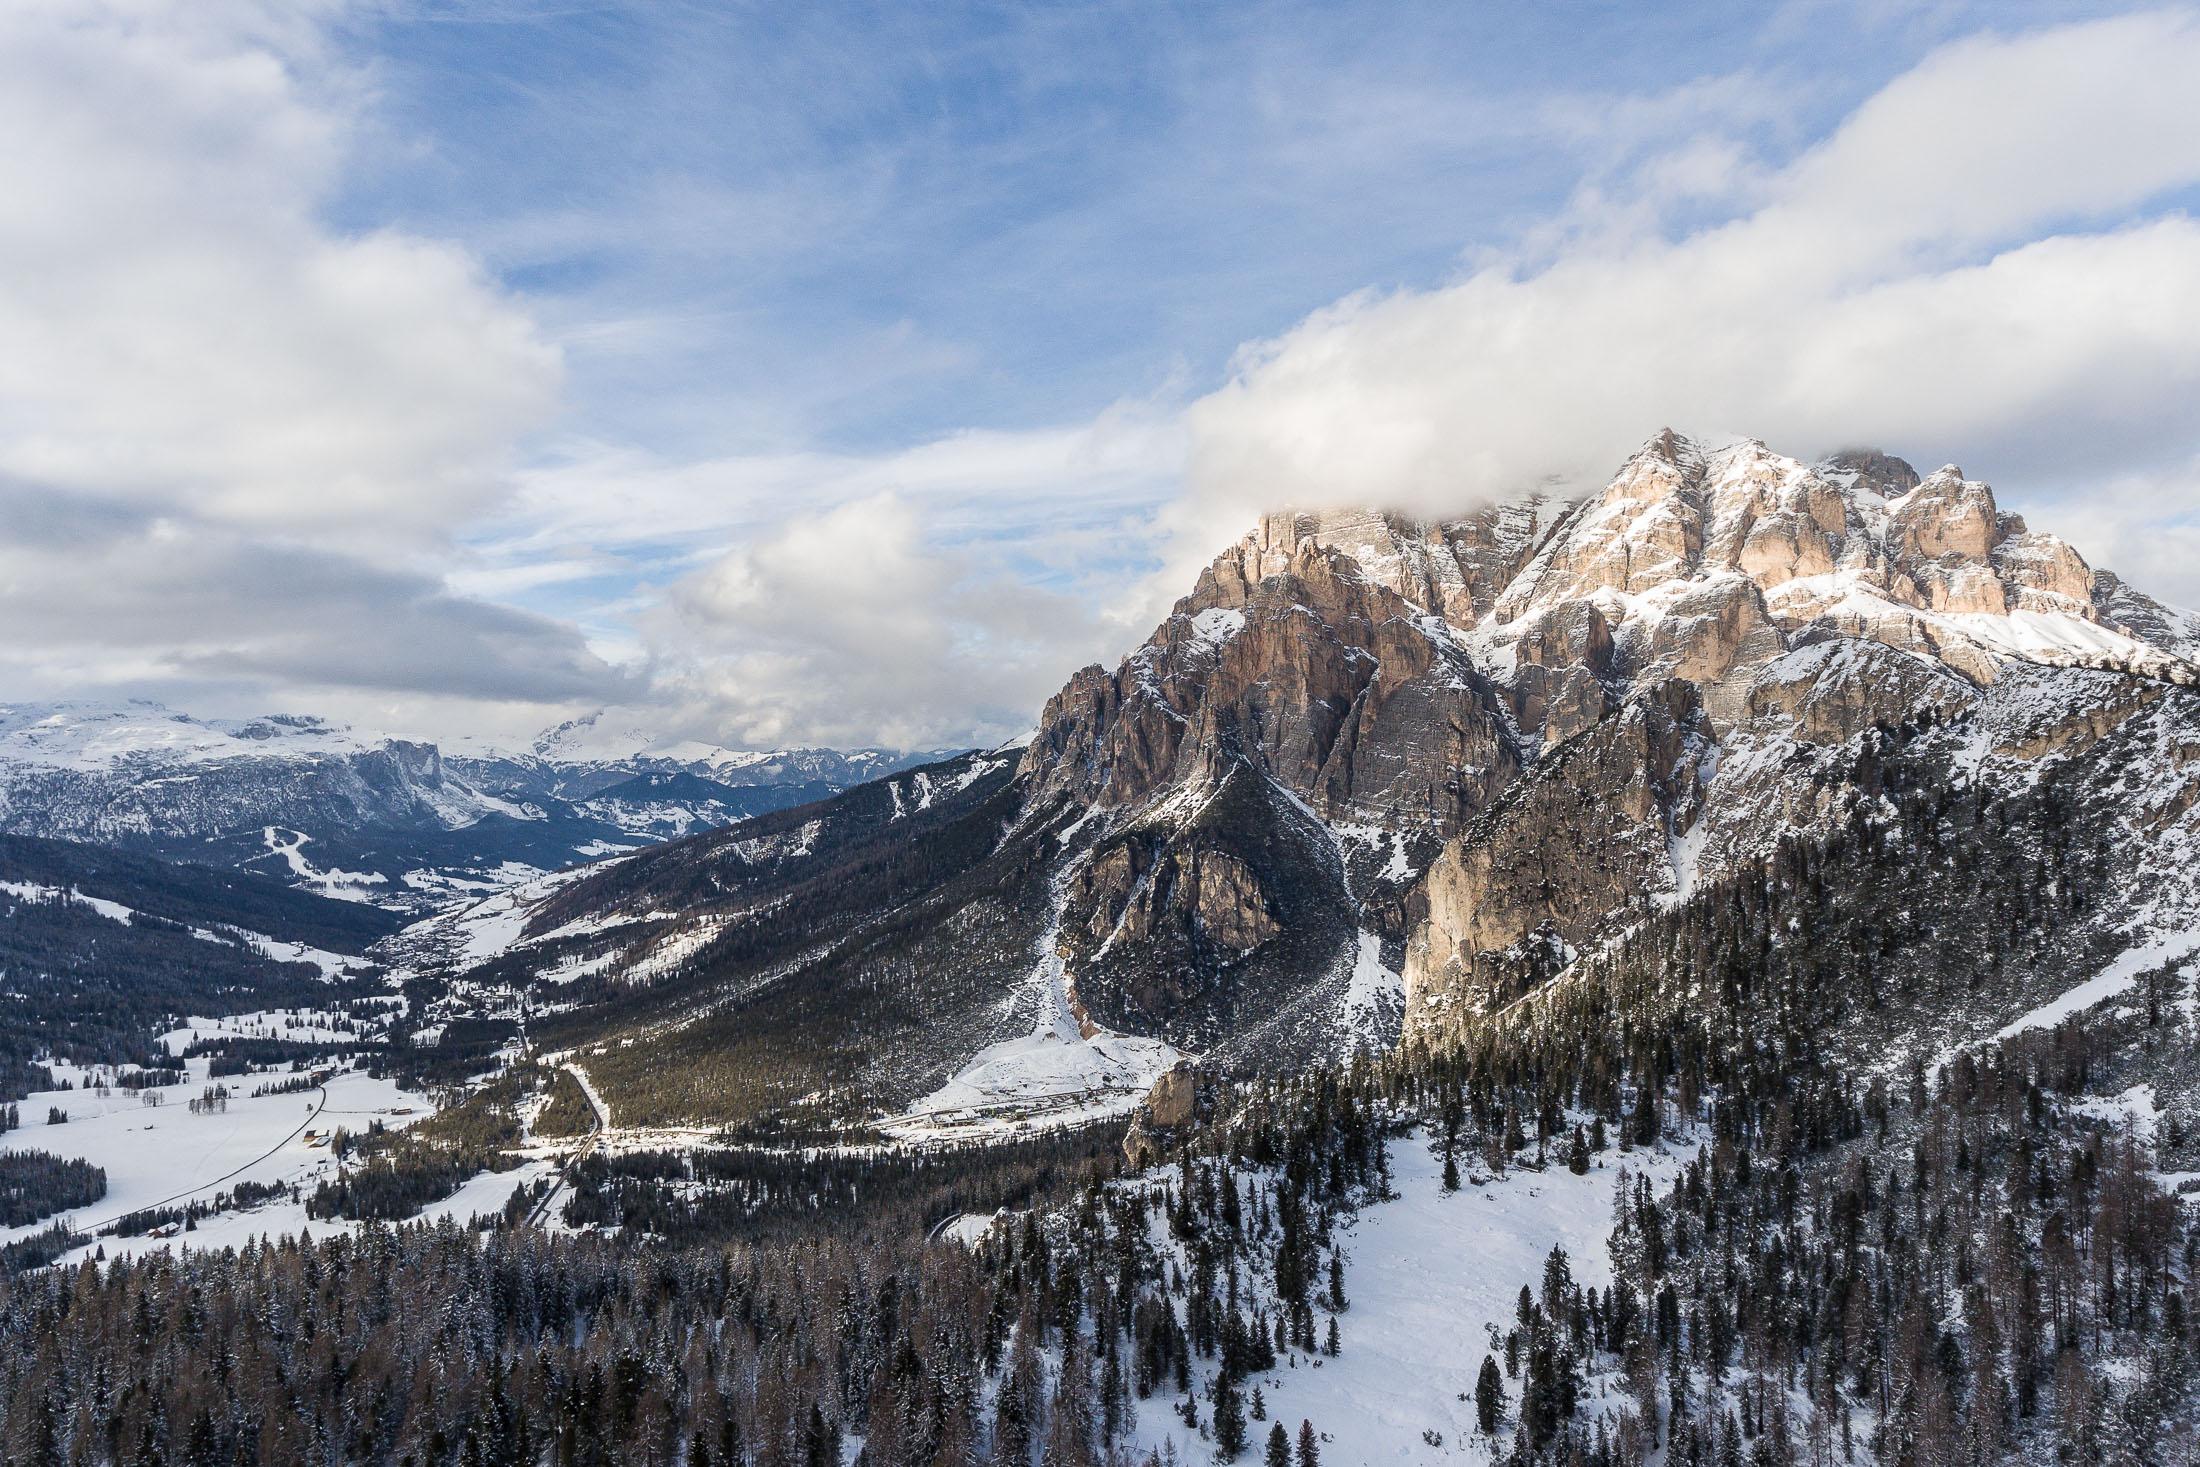 Mountain passes, Dolomites, Italy